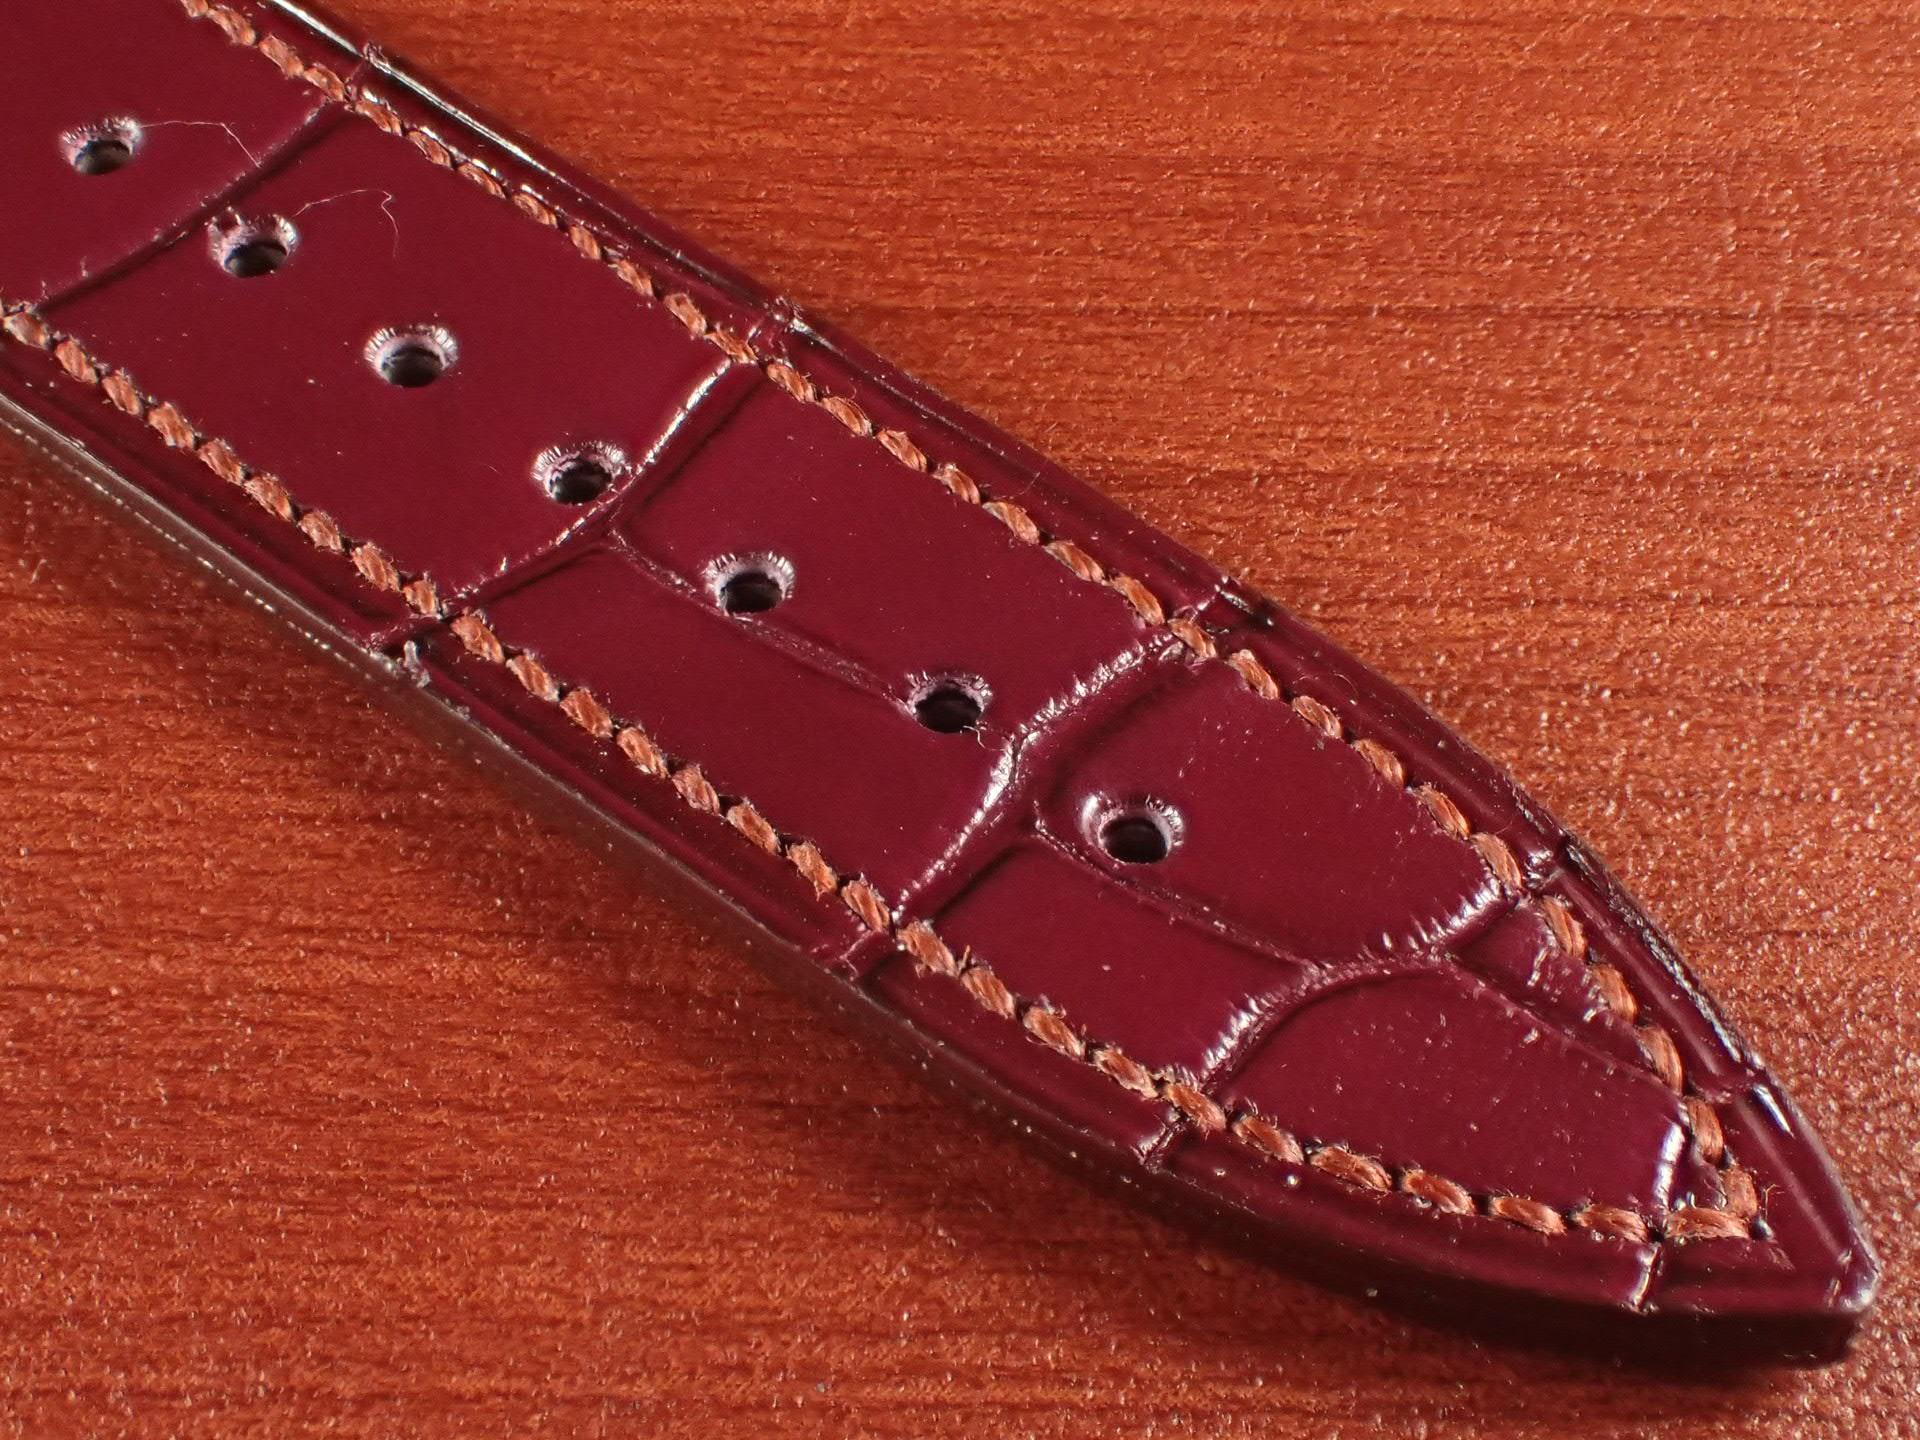 ジャン・クロード ペラン革ベルト クロコダイル ボルドー 18mmの写真5枚目